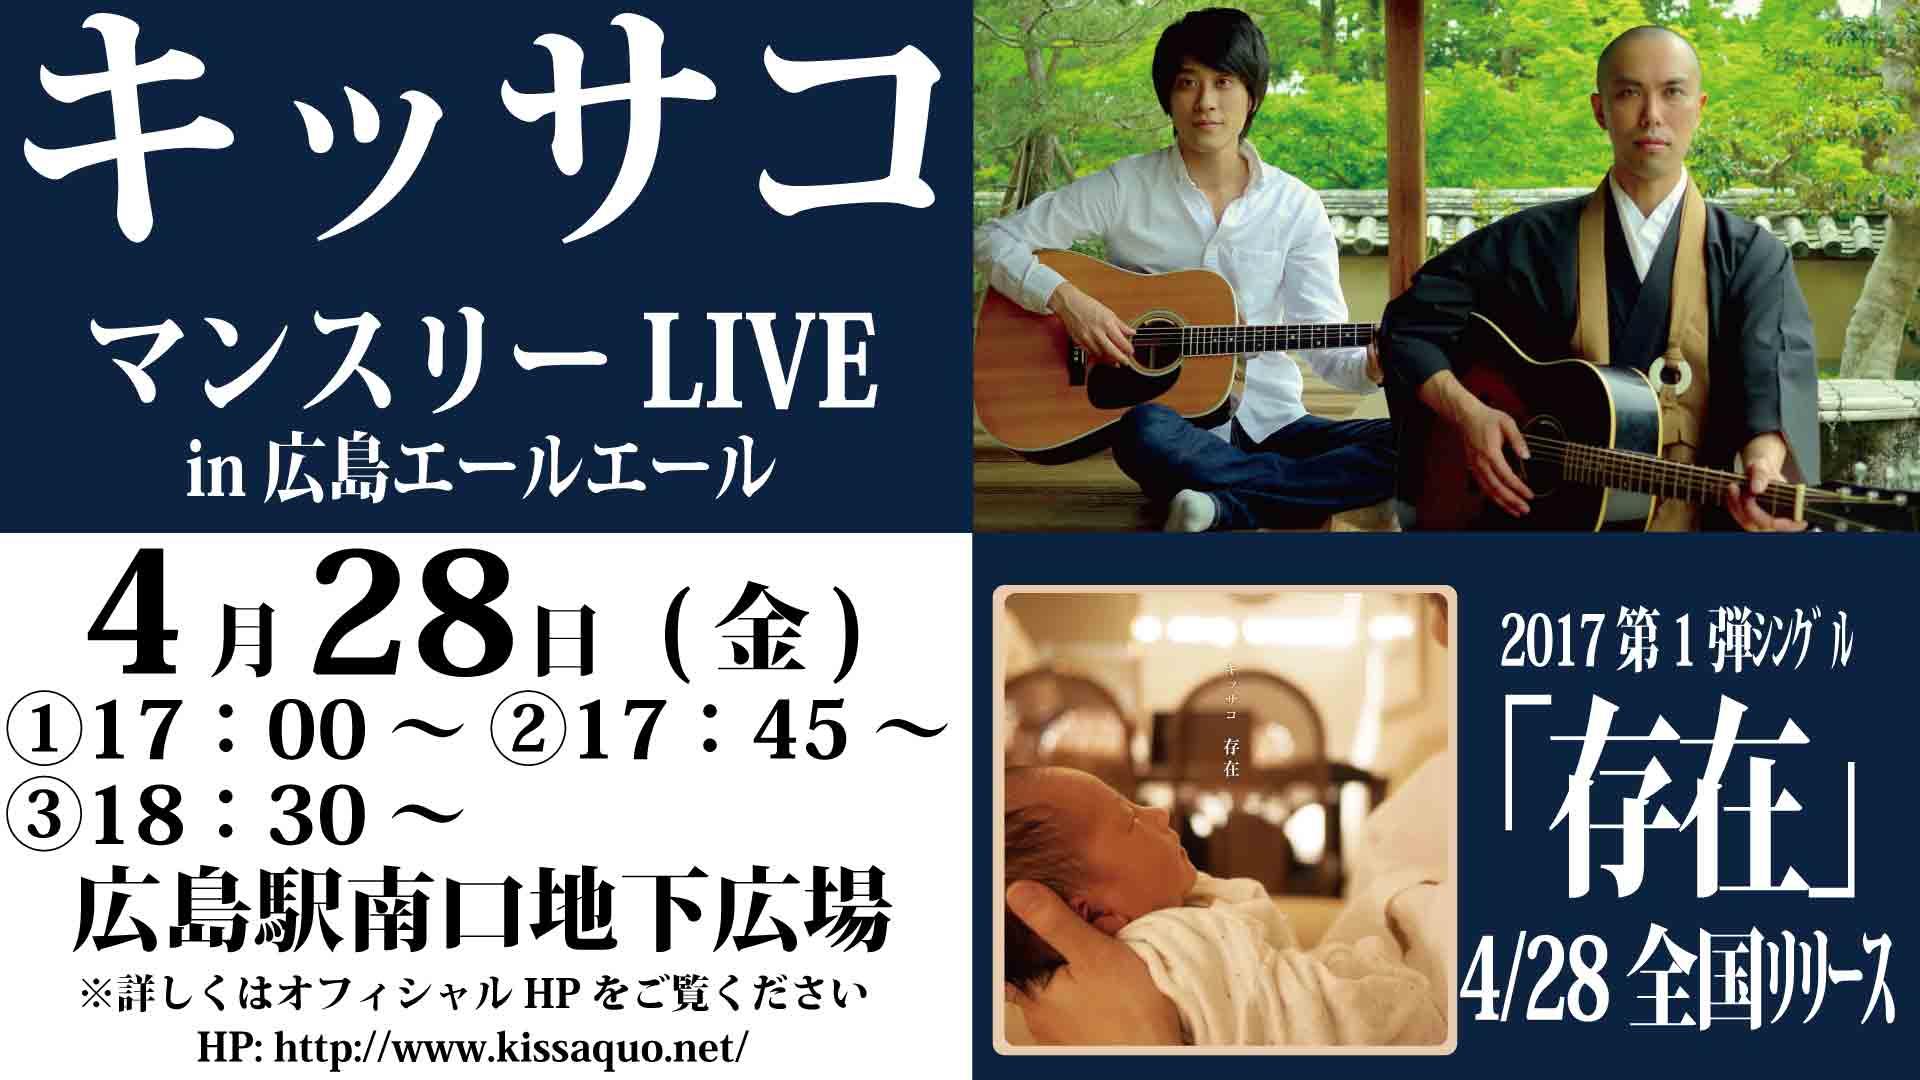 4/28(金)【広島】キッサコ・マンスリーLIVE in エールエール